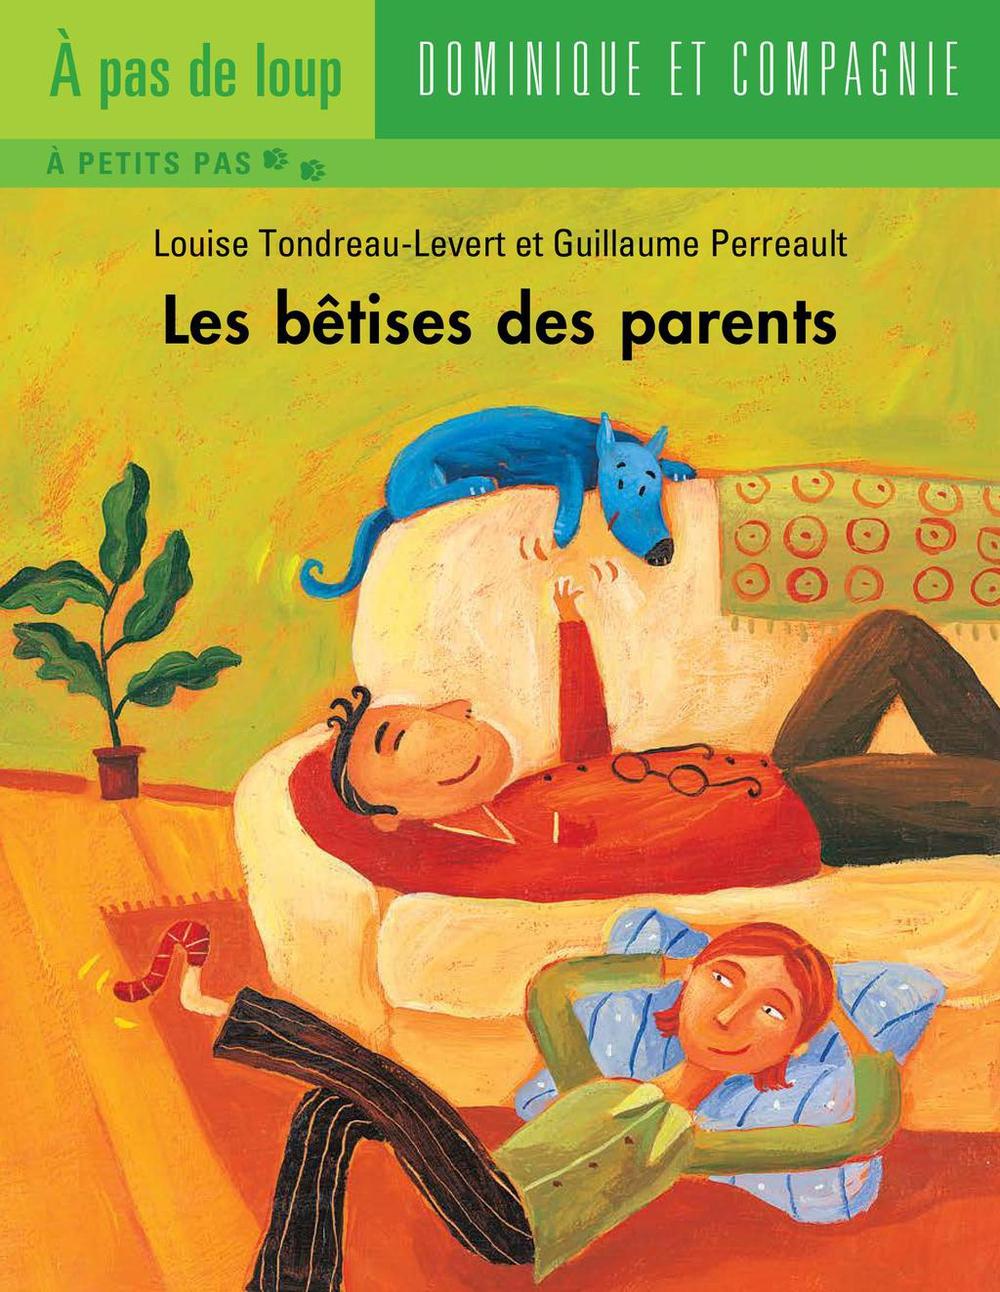 Les bêtises des parents